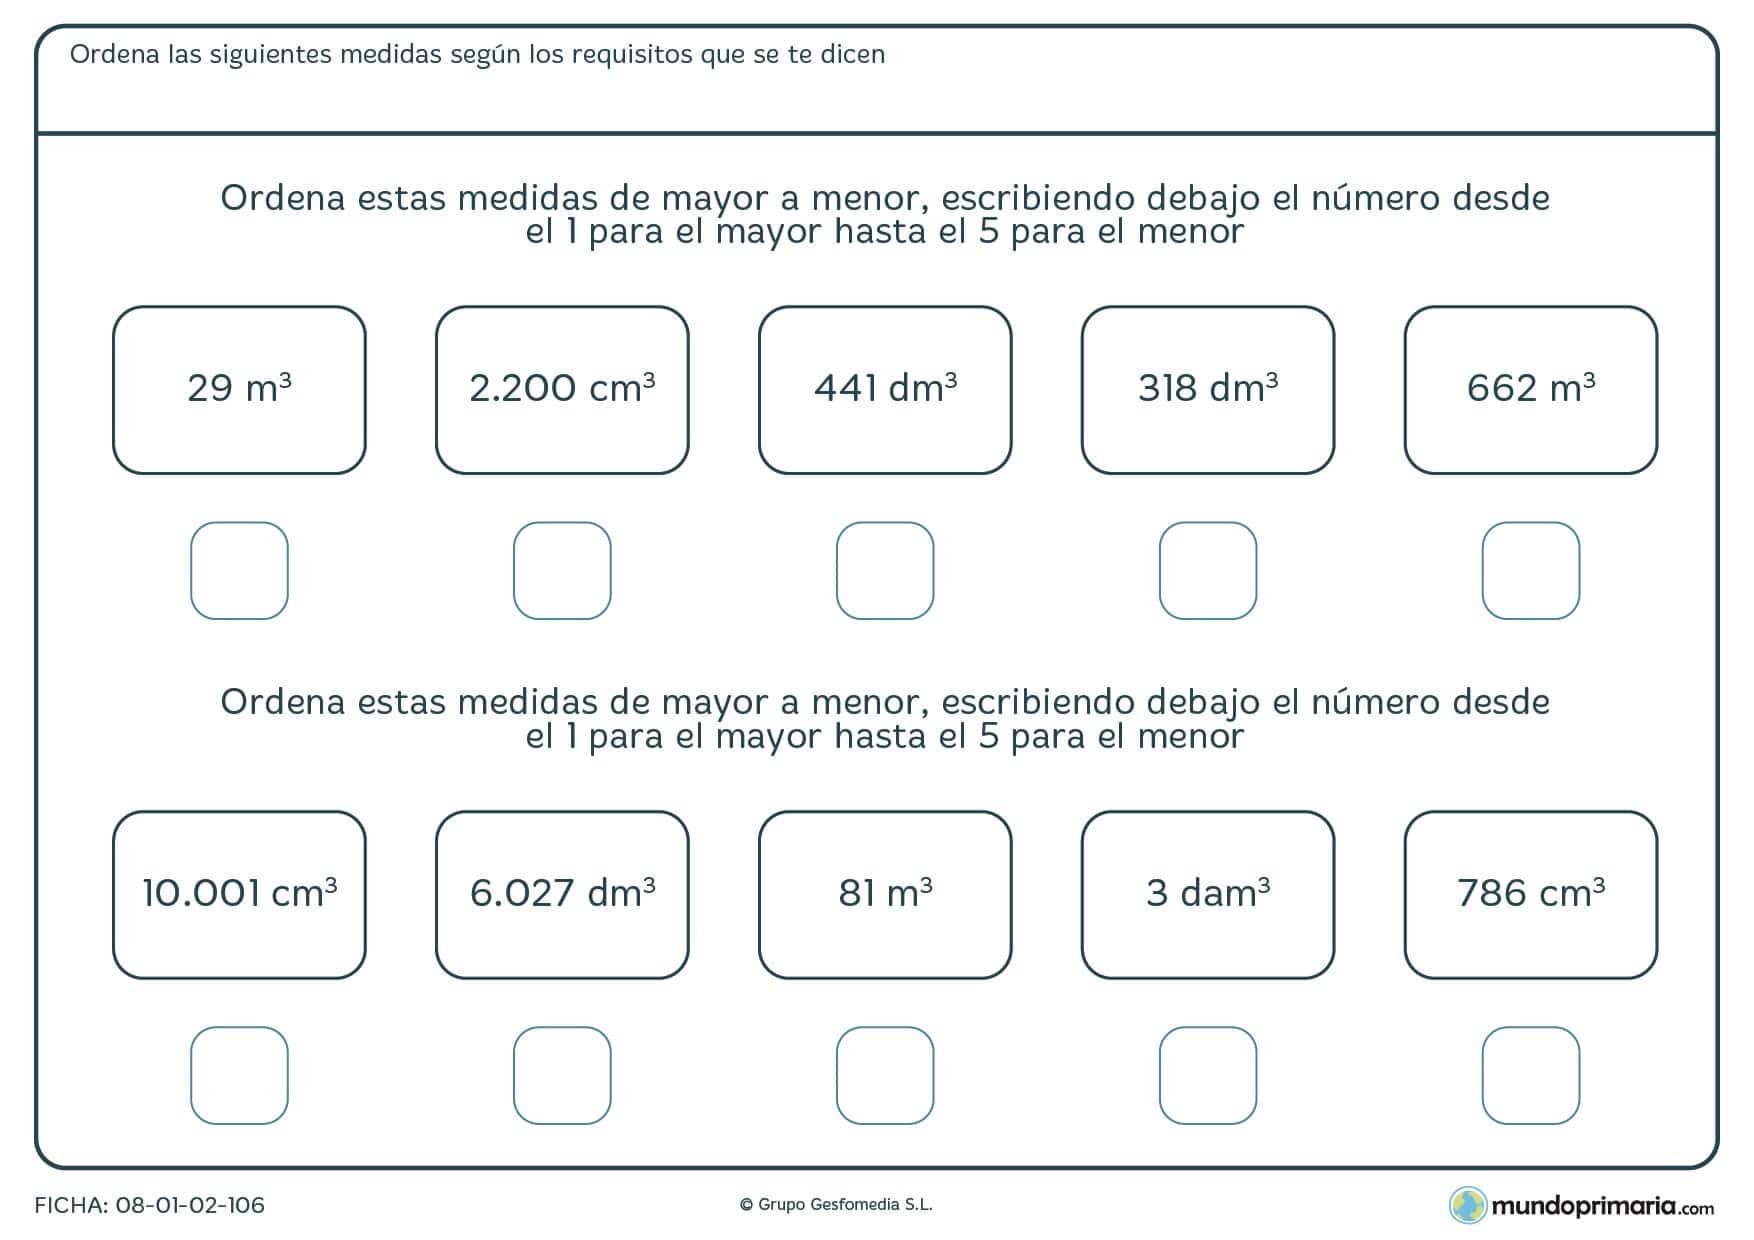 Ficha de mayor a menor, medidas con diferentes unidades para ordenar.